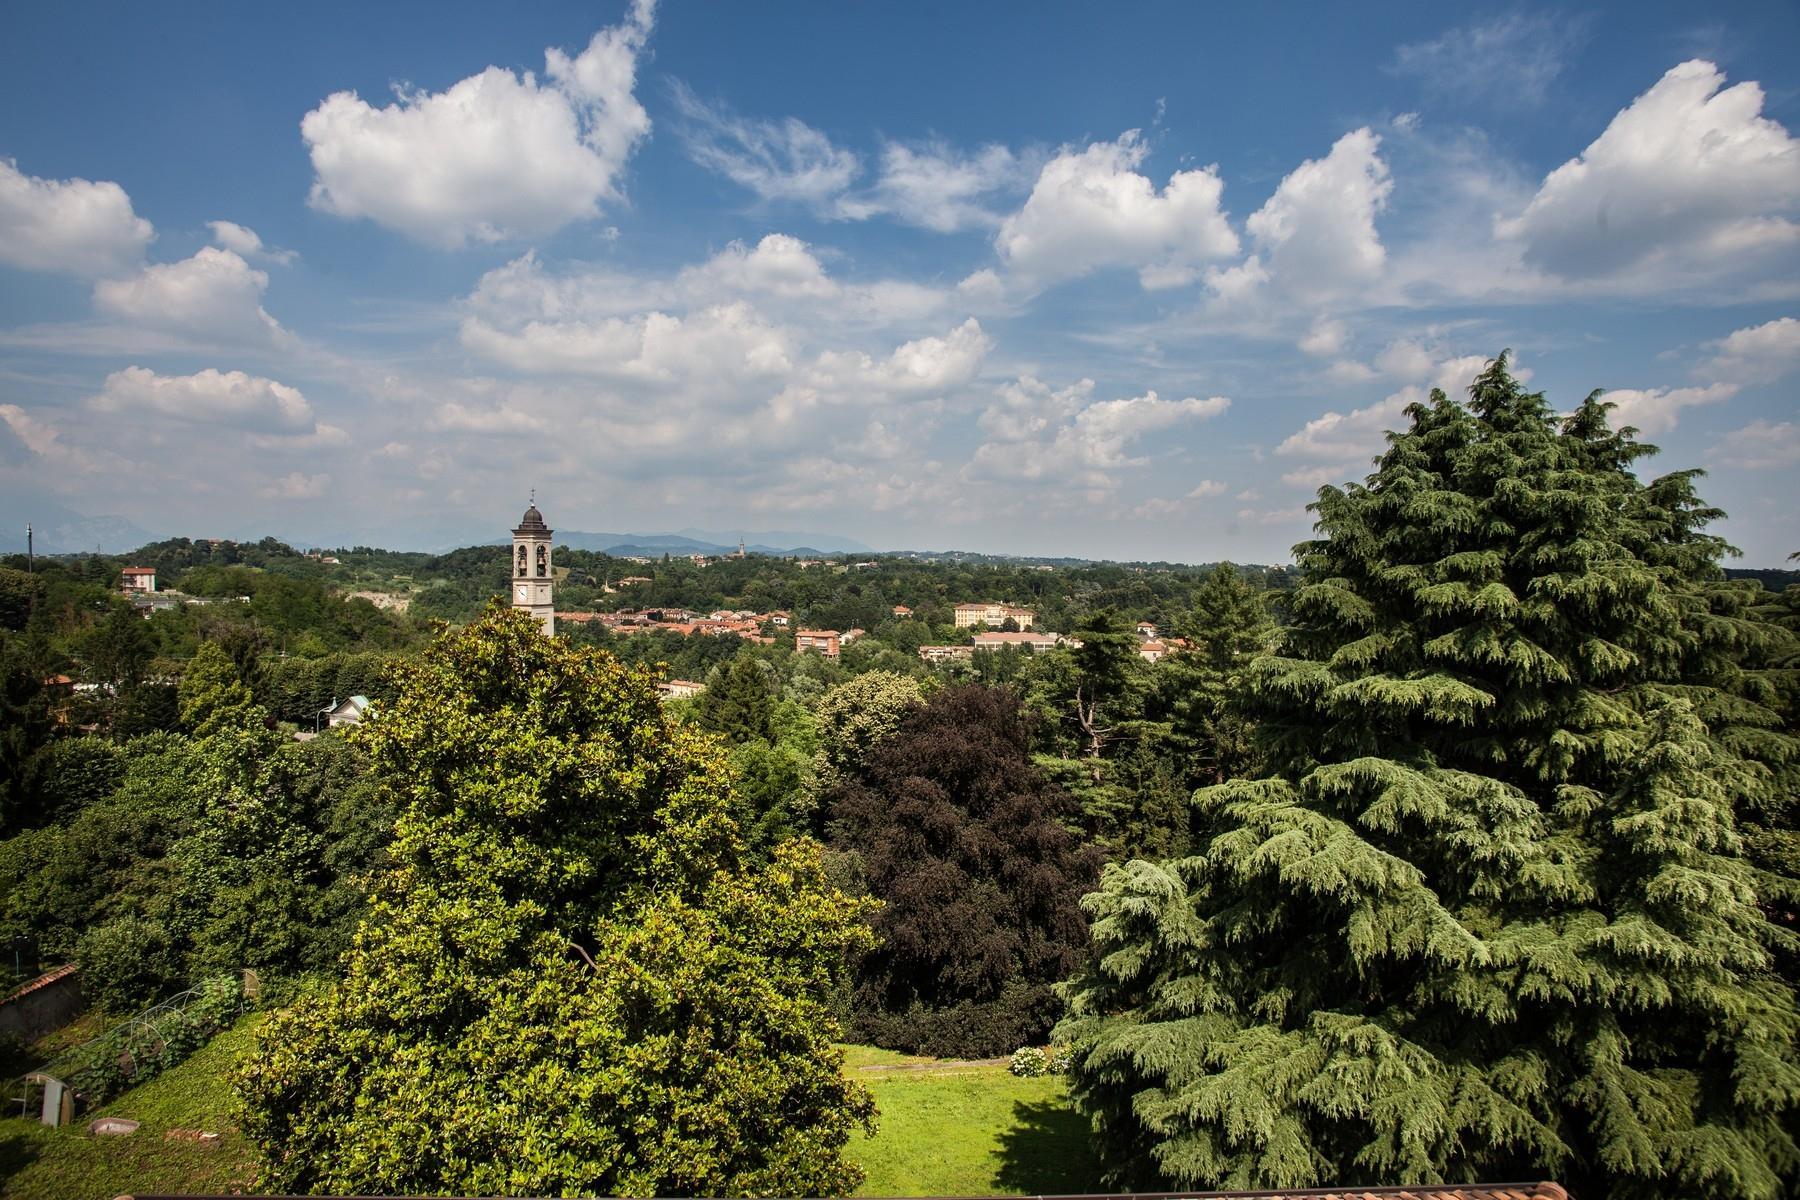 Elégante villa historique dans un parc botanique - 9